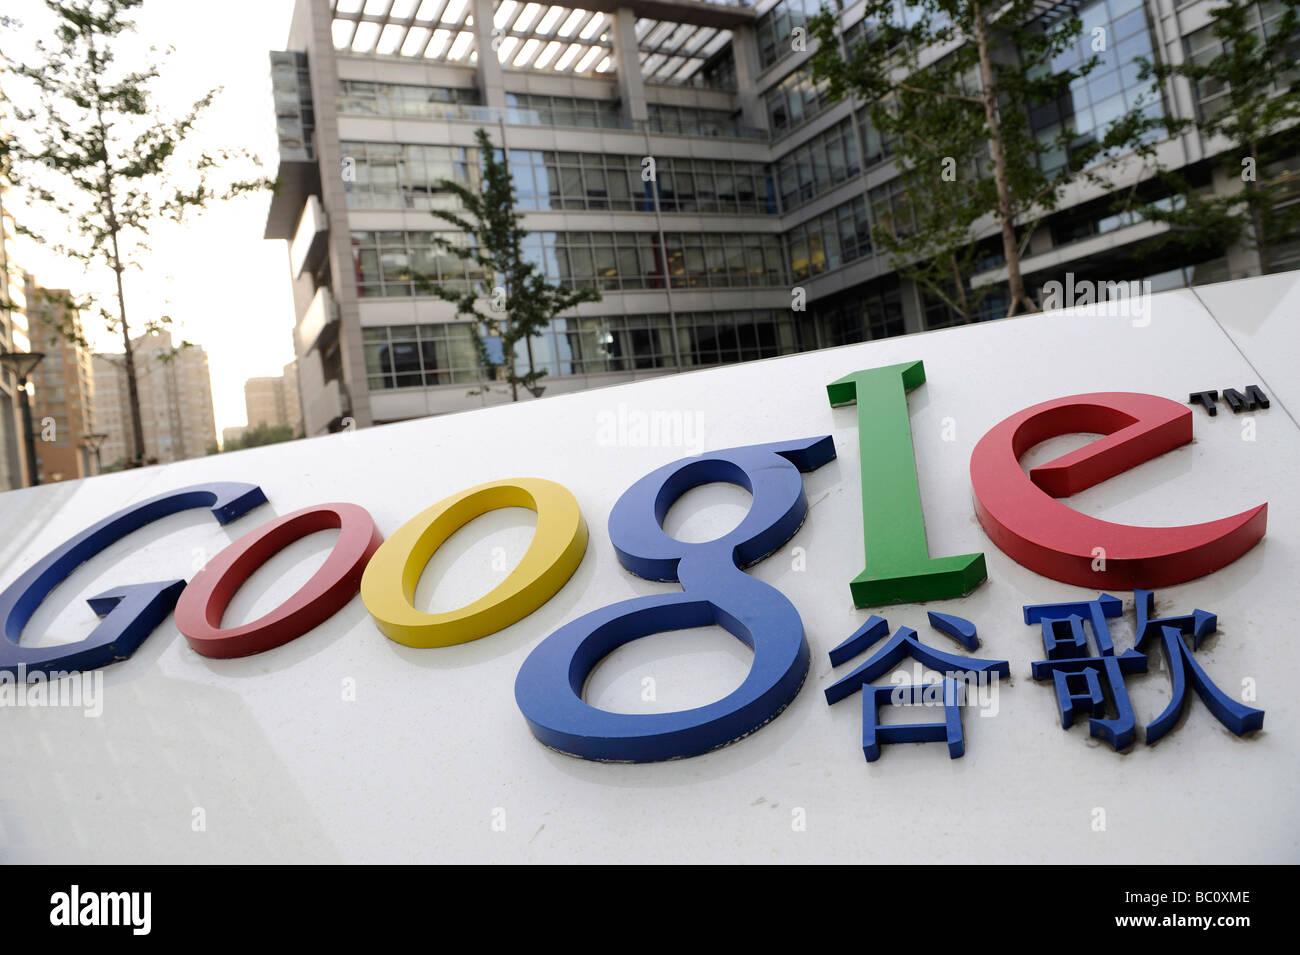 La sede de Google China en el Parque de las Ciencias de Tsinghua, Beijing, China. 20-Jun-2009 Foto de stock